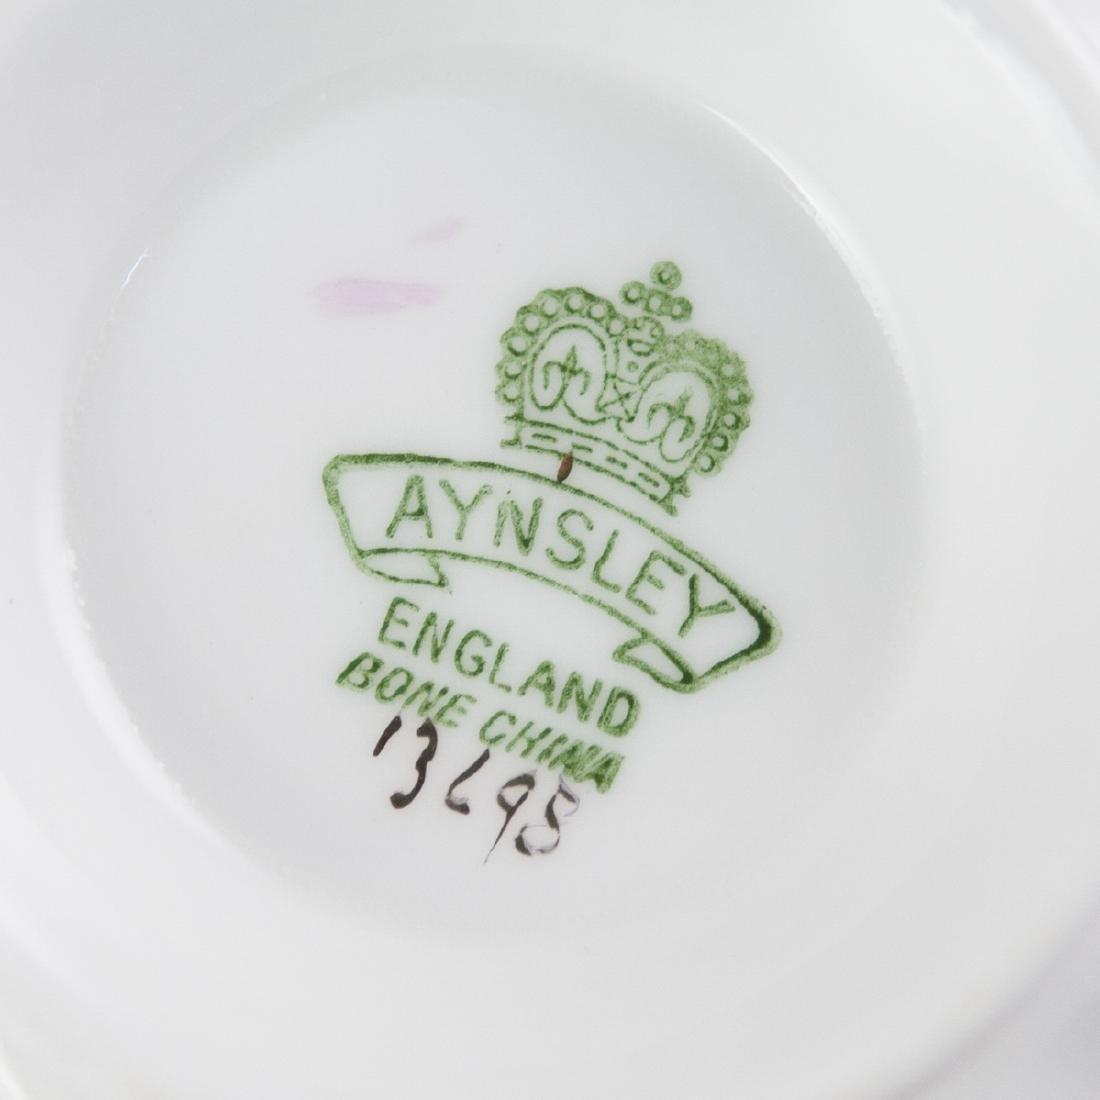 Vintage Porcelain Tea Cups - 5